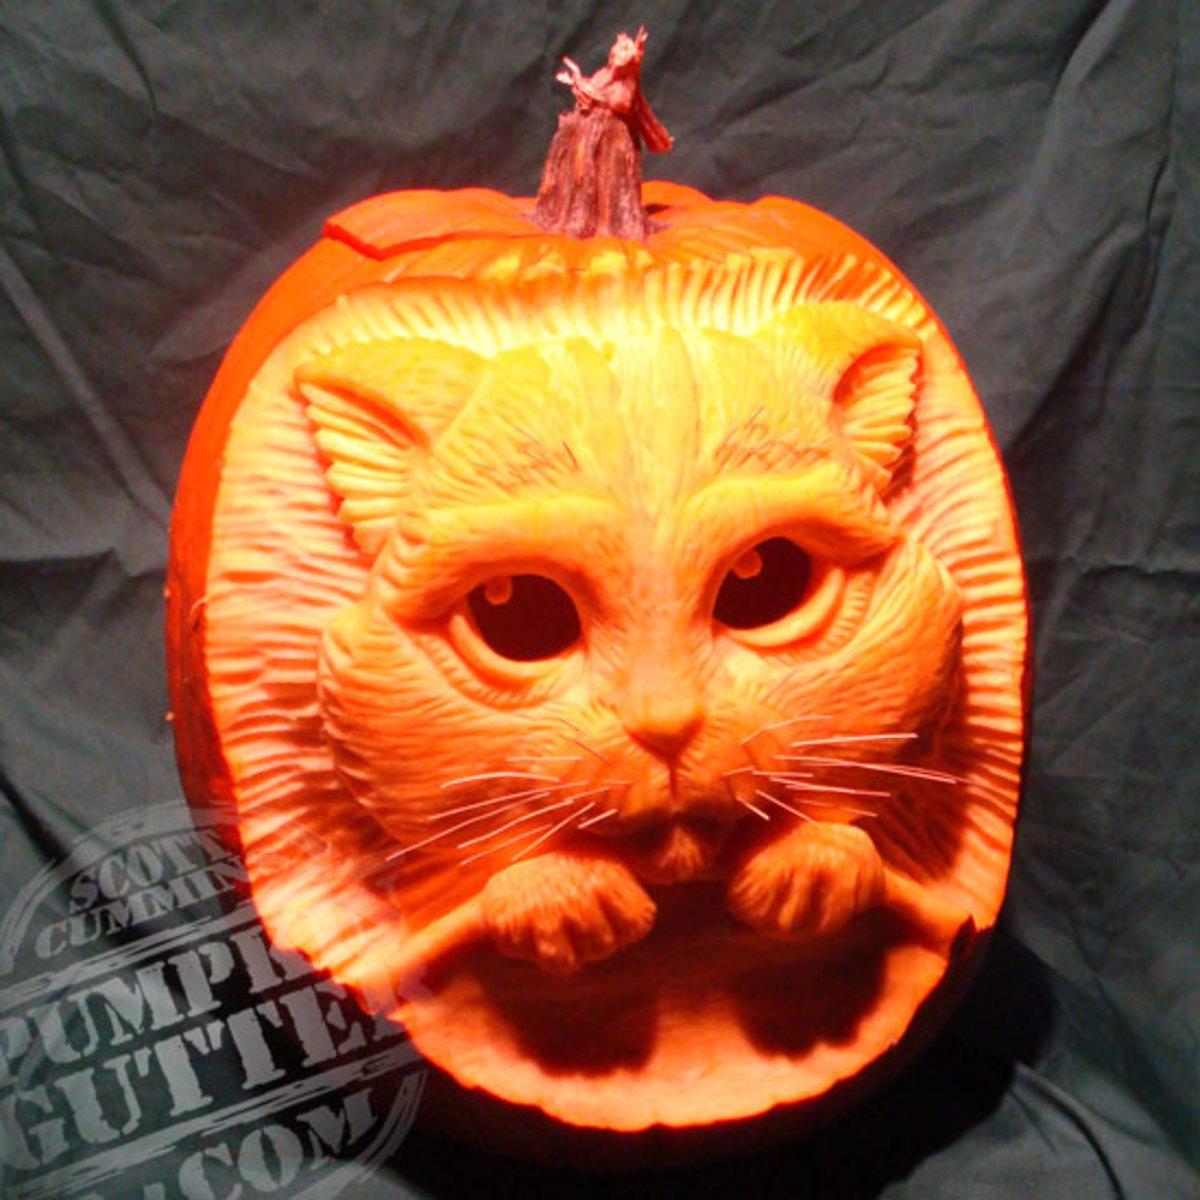 Puss in Boots pumpkin, Shrek